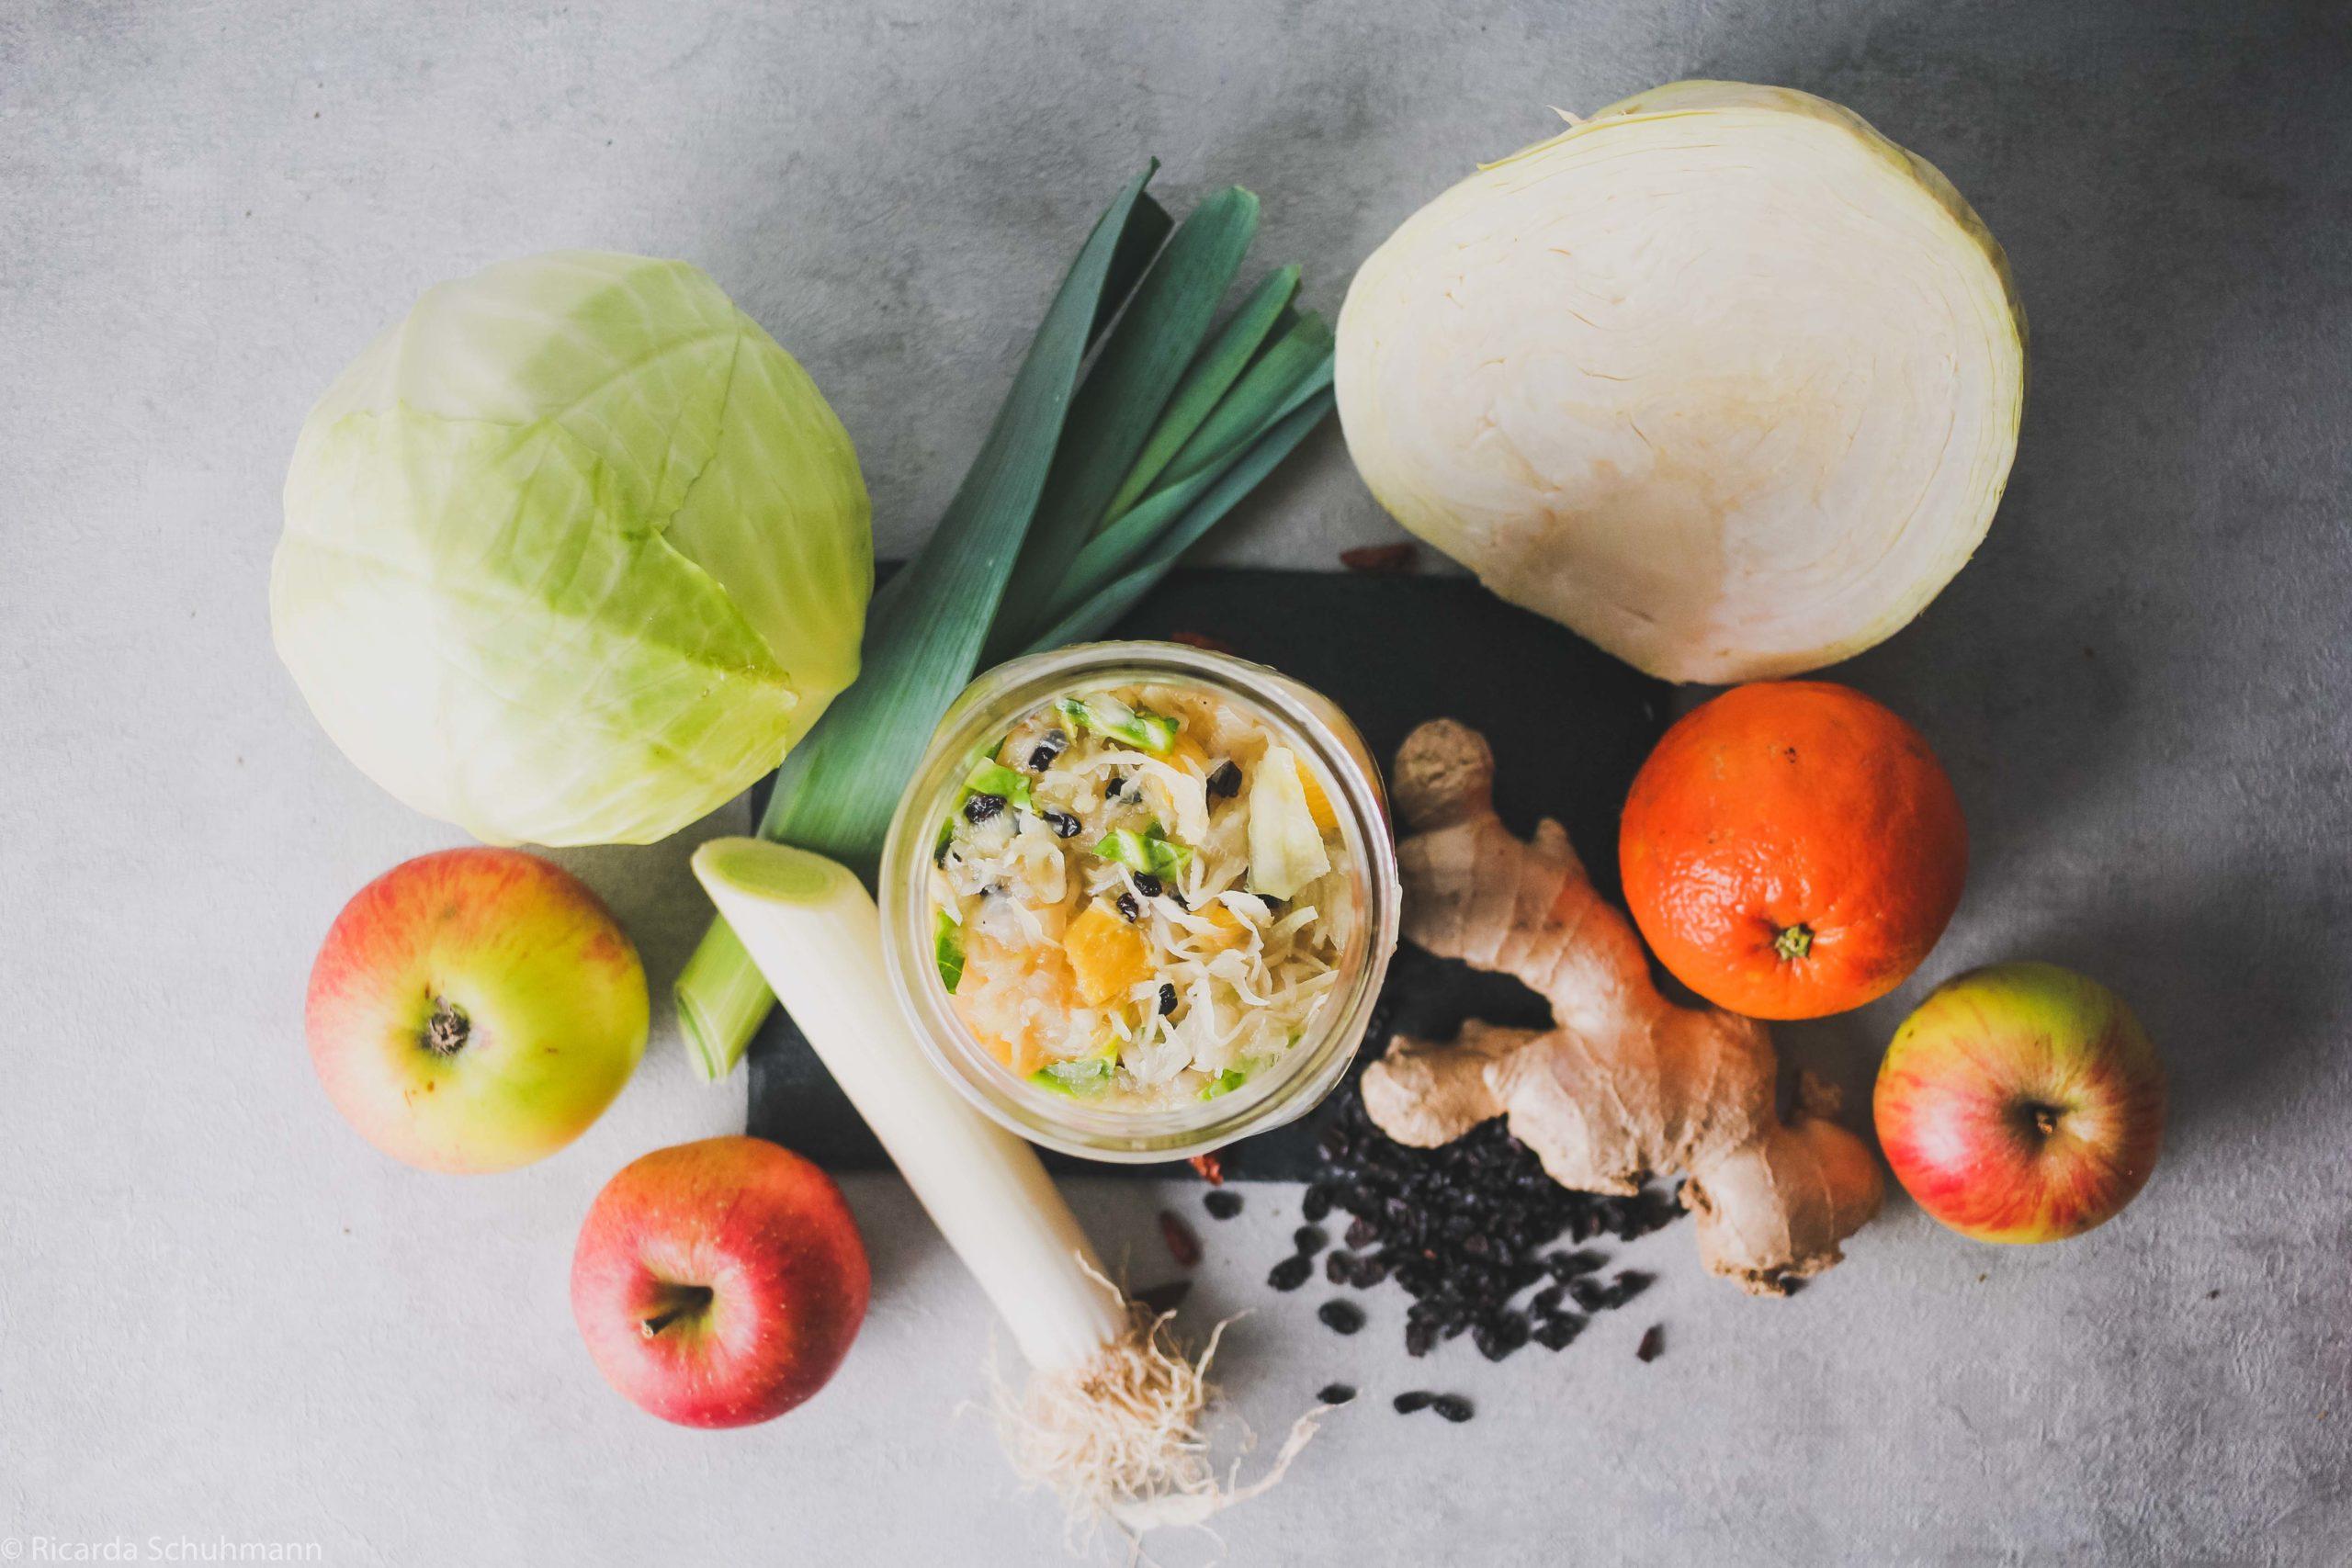 Sauerkraut mit Obst und Früchten fermentiert.